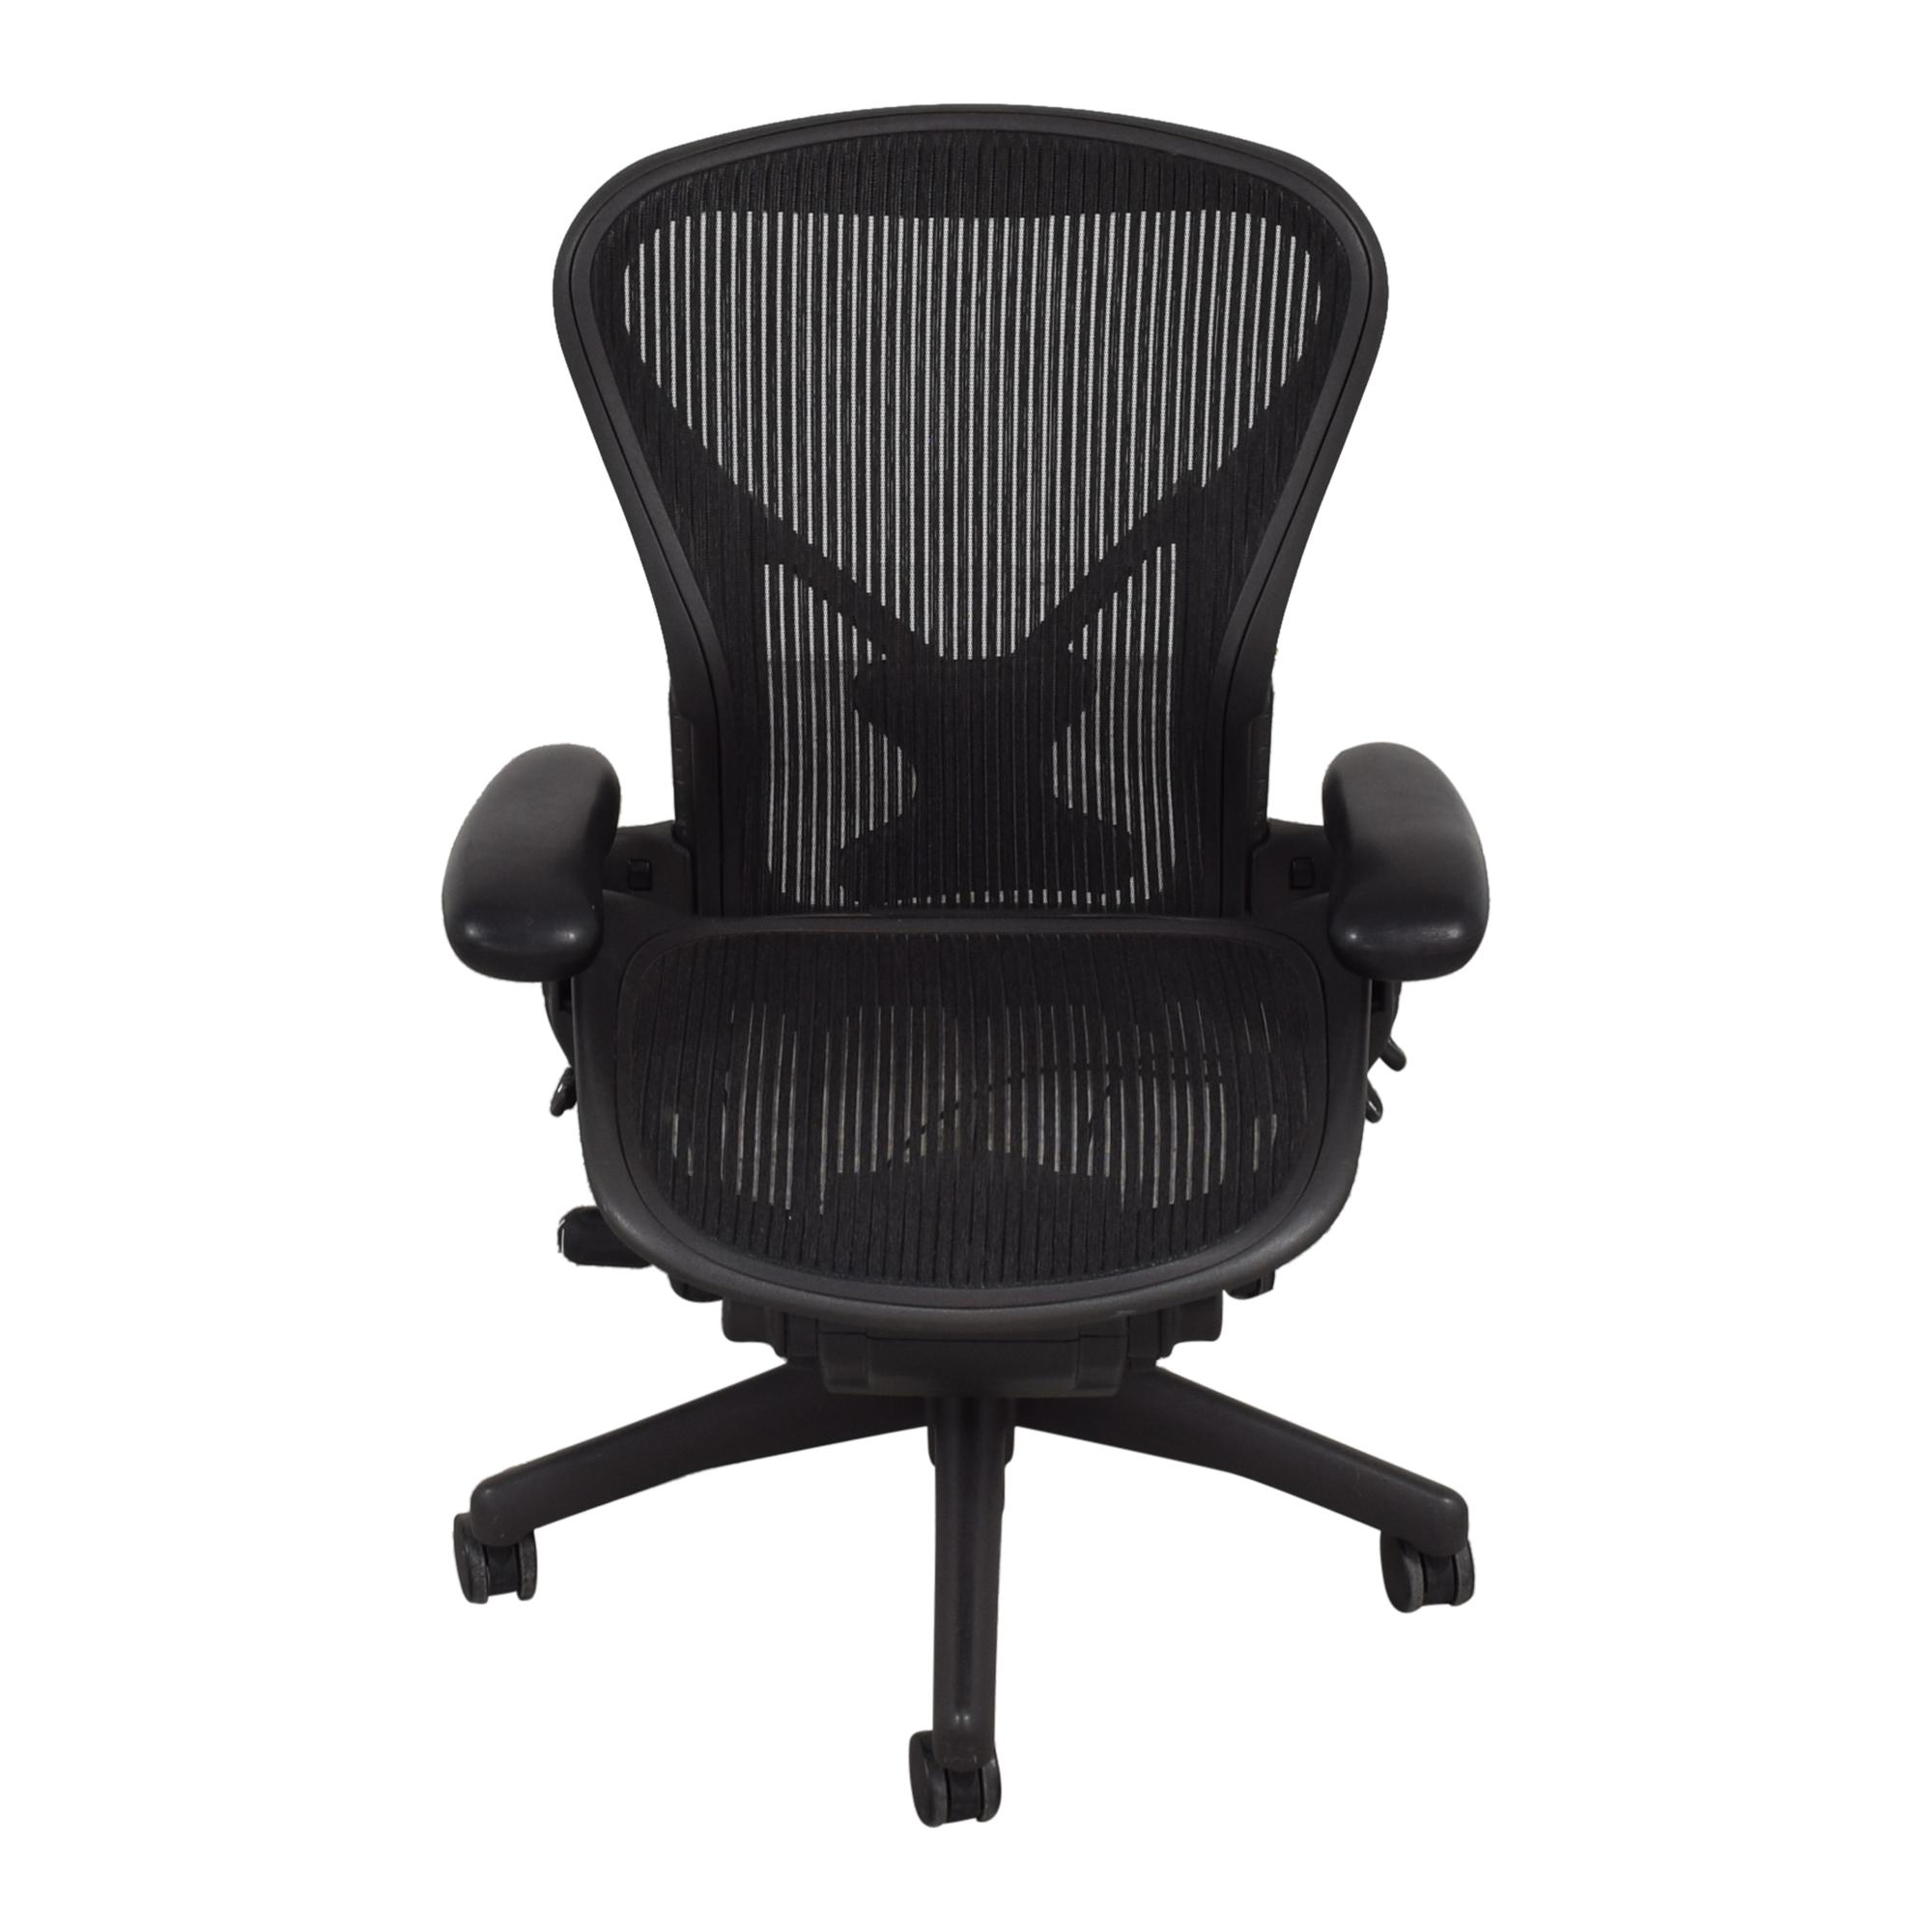 Herman Miller Herman Miller Size B Aeron Chair ma